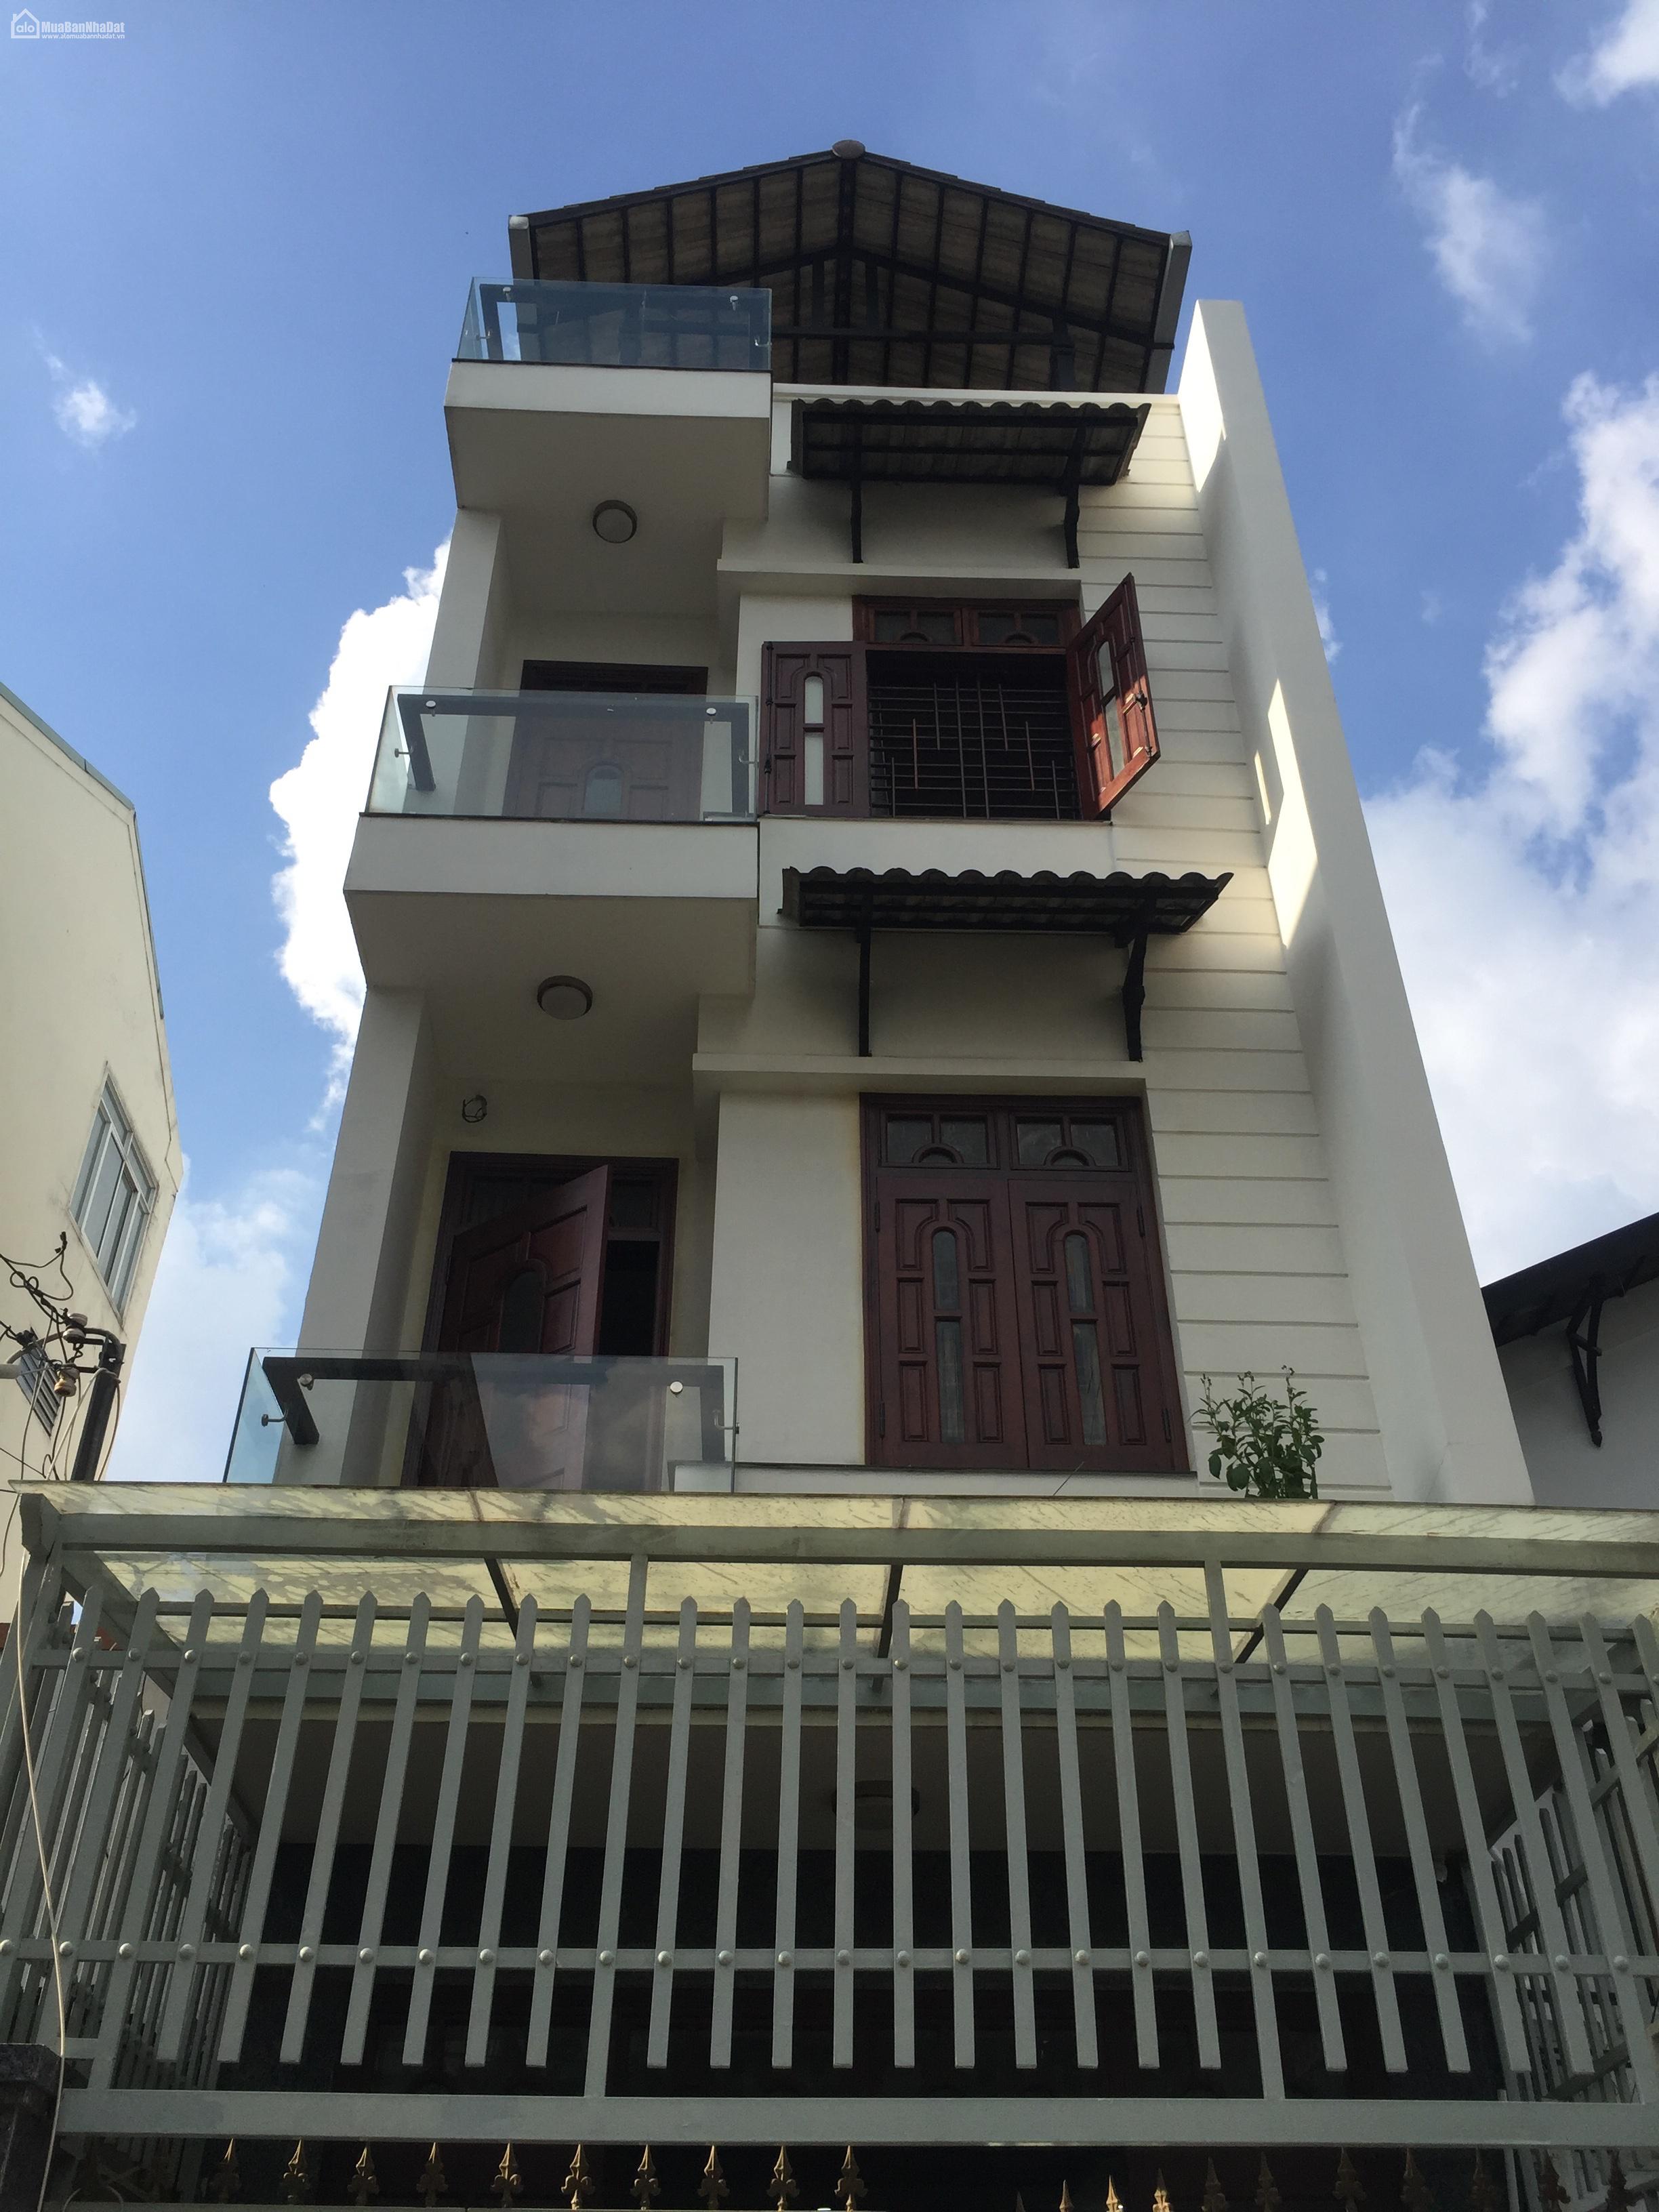 Hiếm! bán nhà phố Thịnh Quang Đống Đa 1tỷ 55, diện tích 28m2, 5tầng,MT 6m,lh 0968181902.